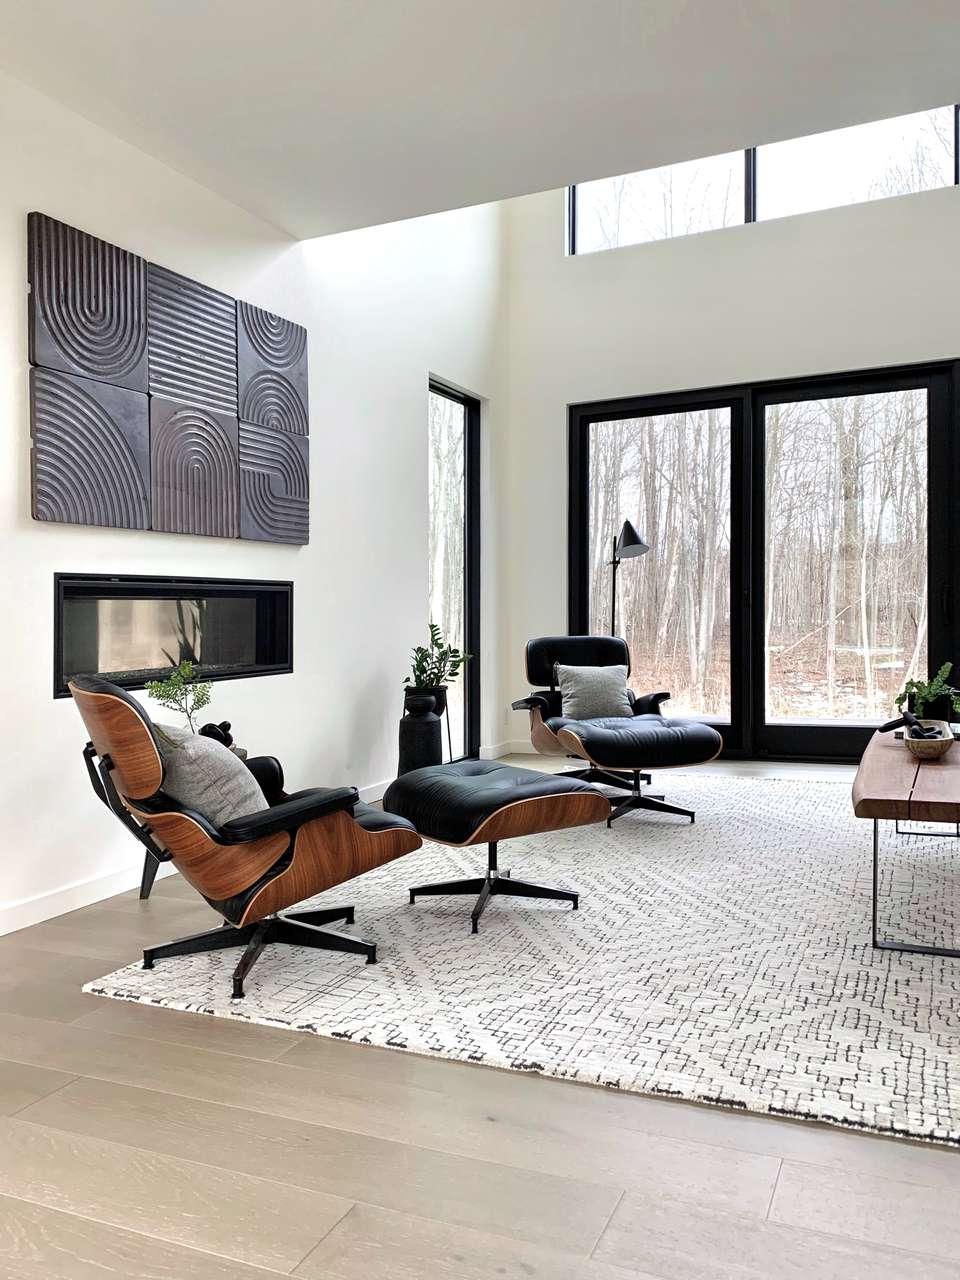 moderna sala de estar con detalles en negro y marrón